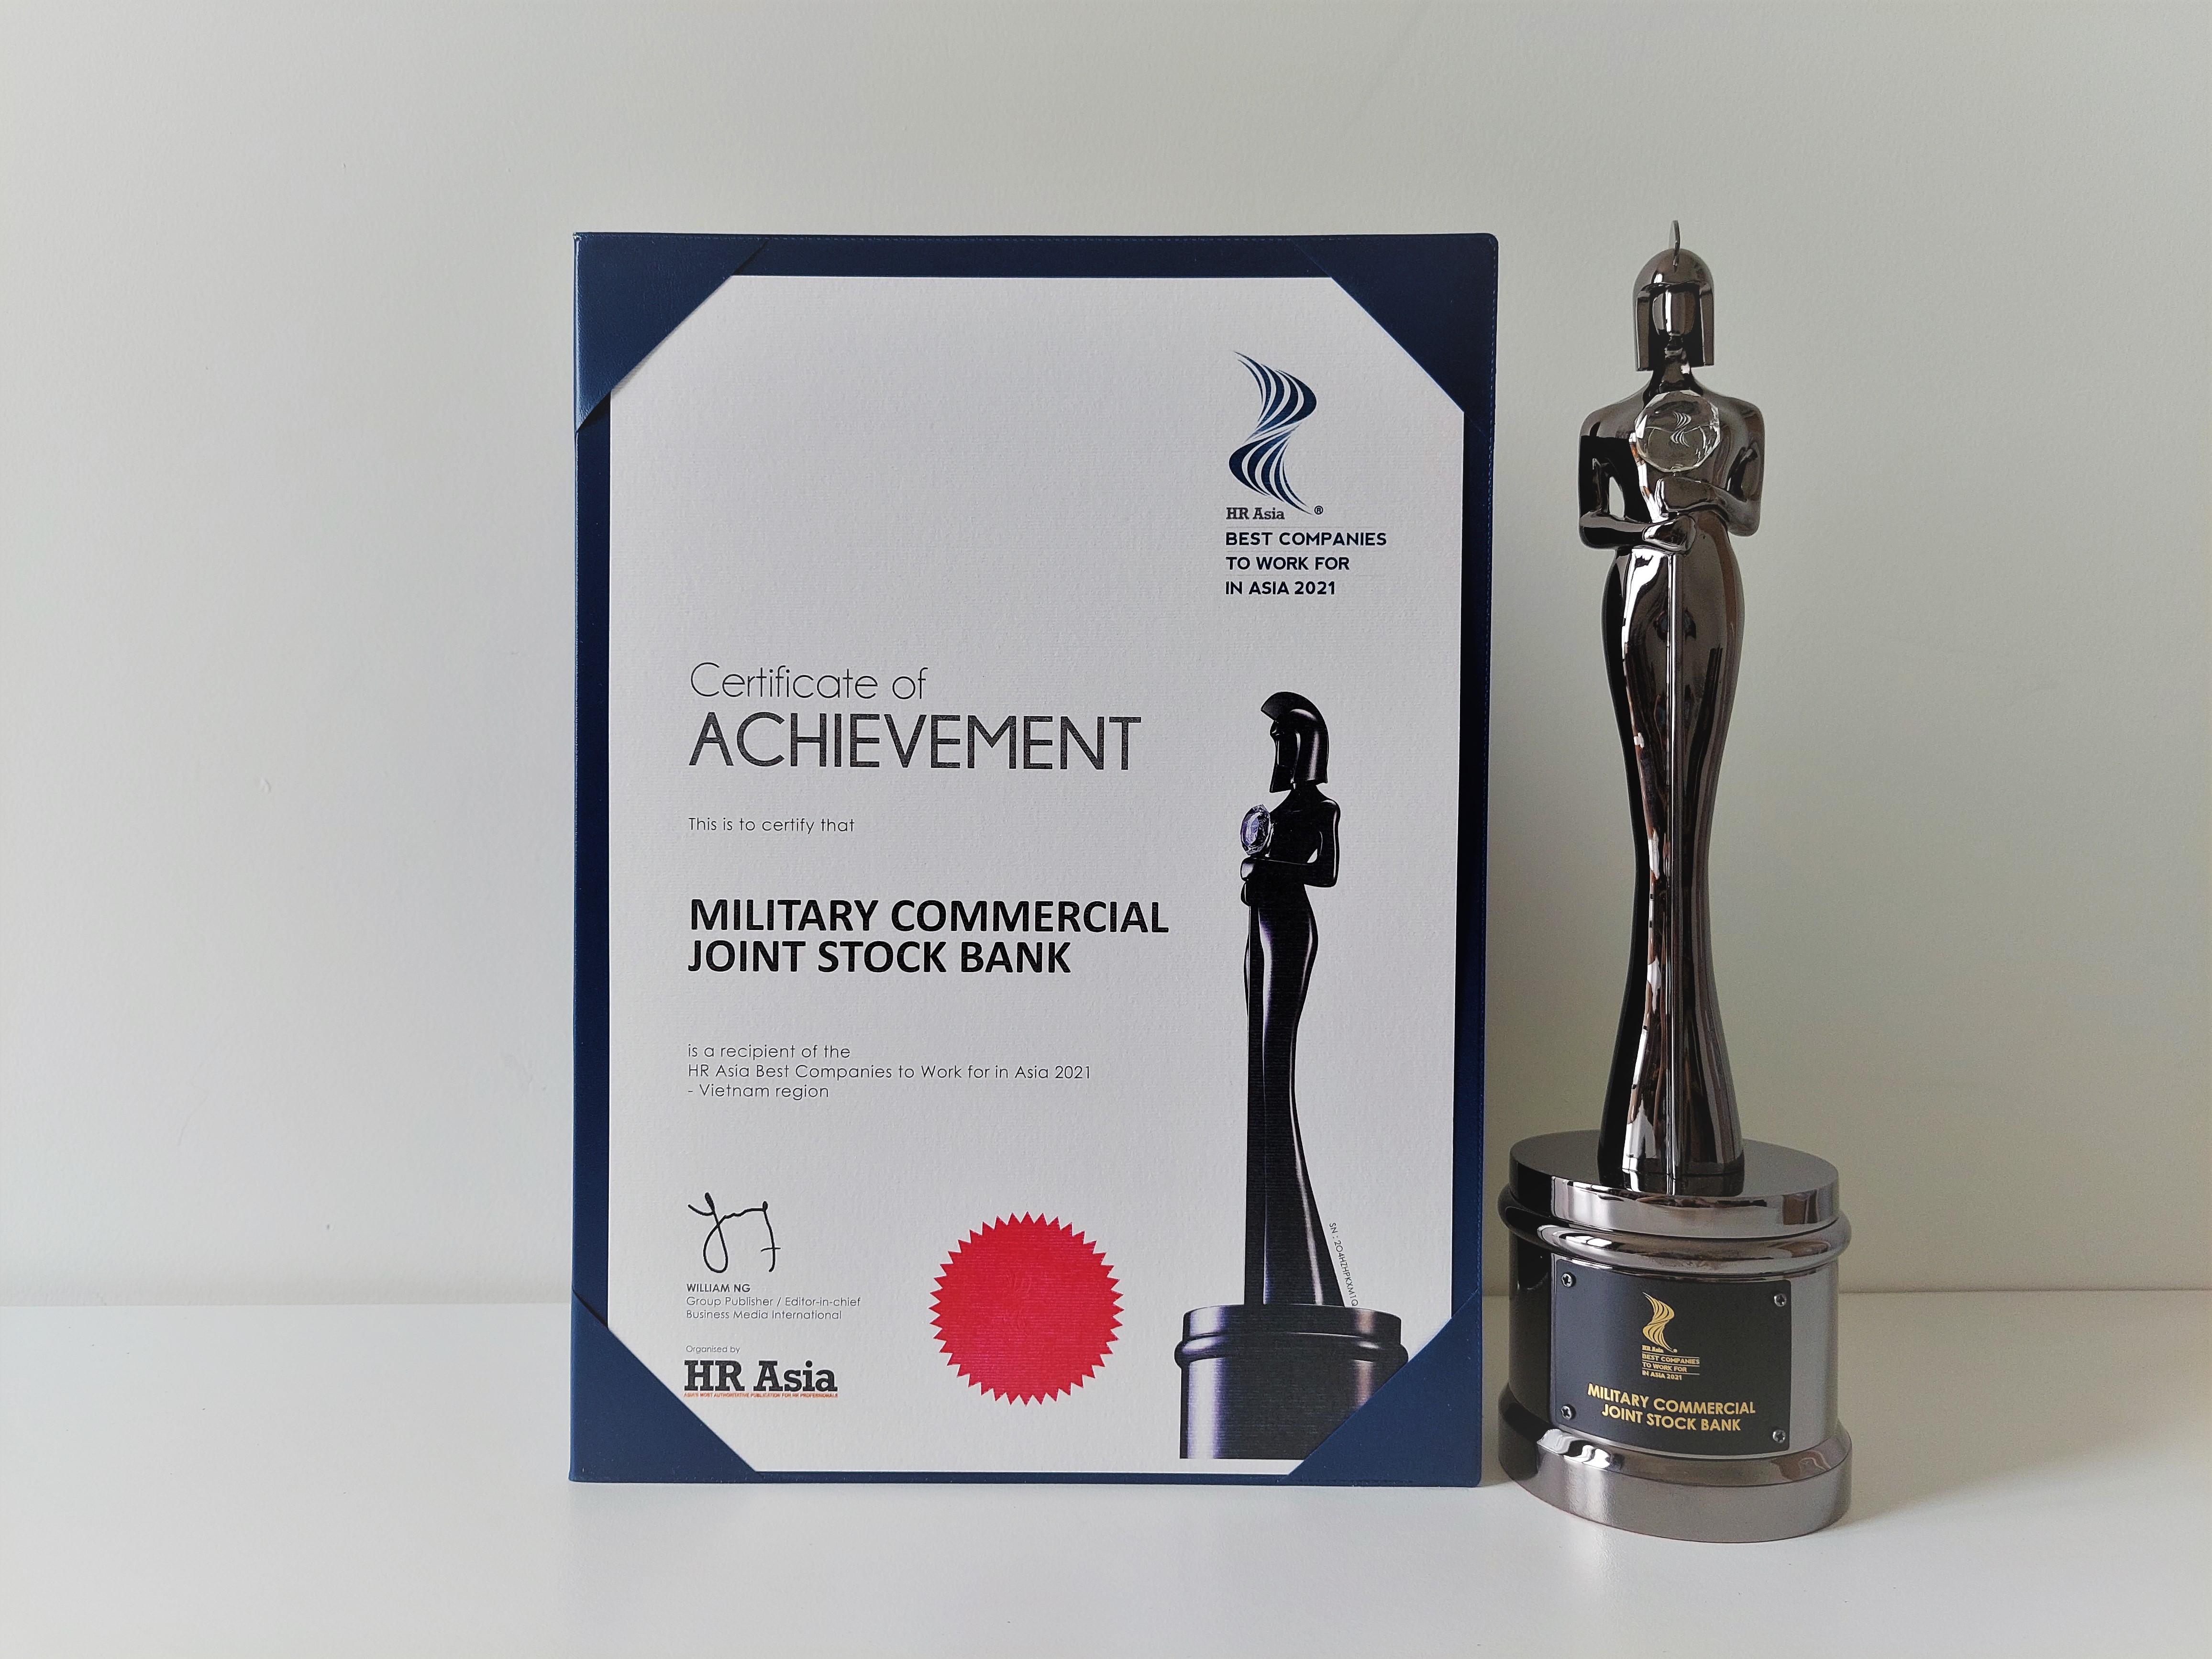 """MB vinh dự được Tạp chí HR Asia trao tặng giải thưởng """"Nơi làm việc tốt nhất châu Á"""" ngay trong lần đầu tiên tham gia."""